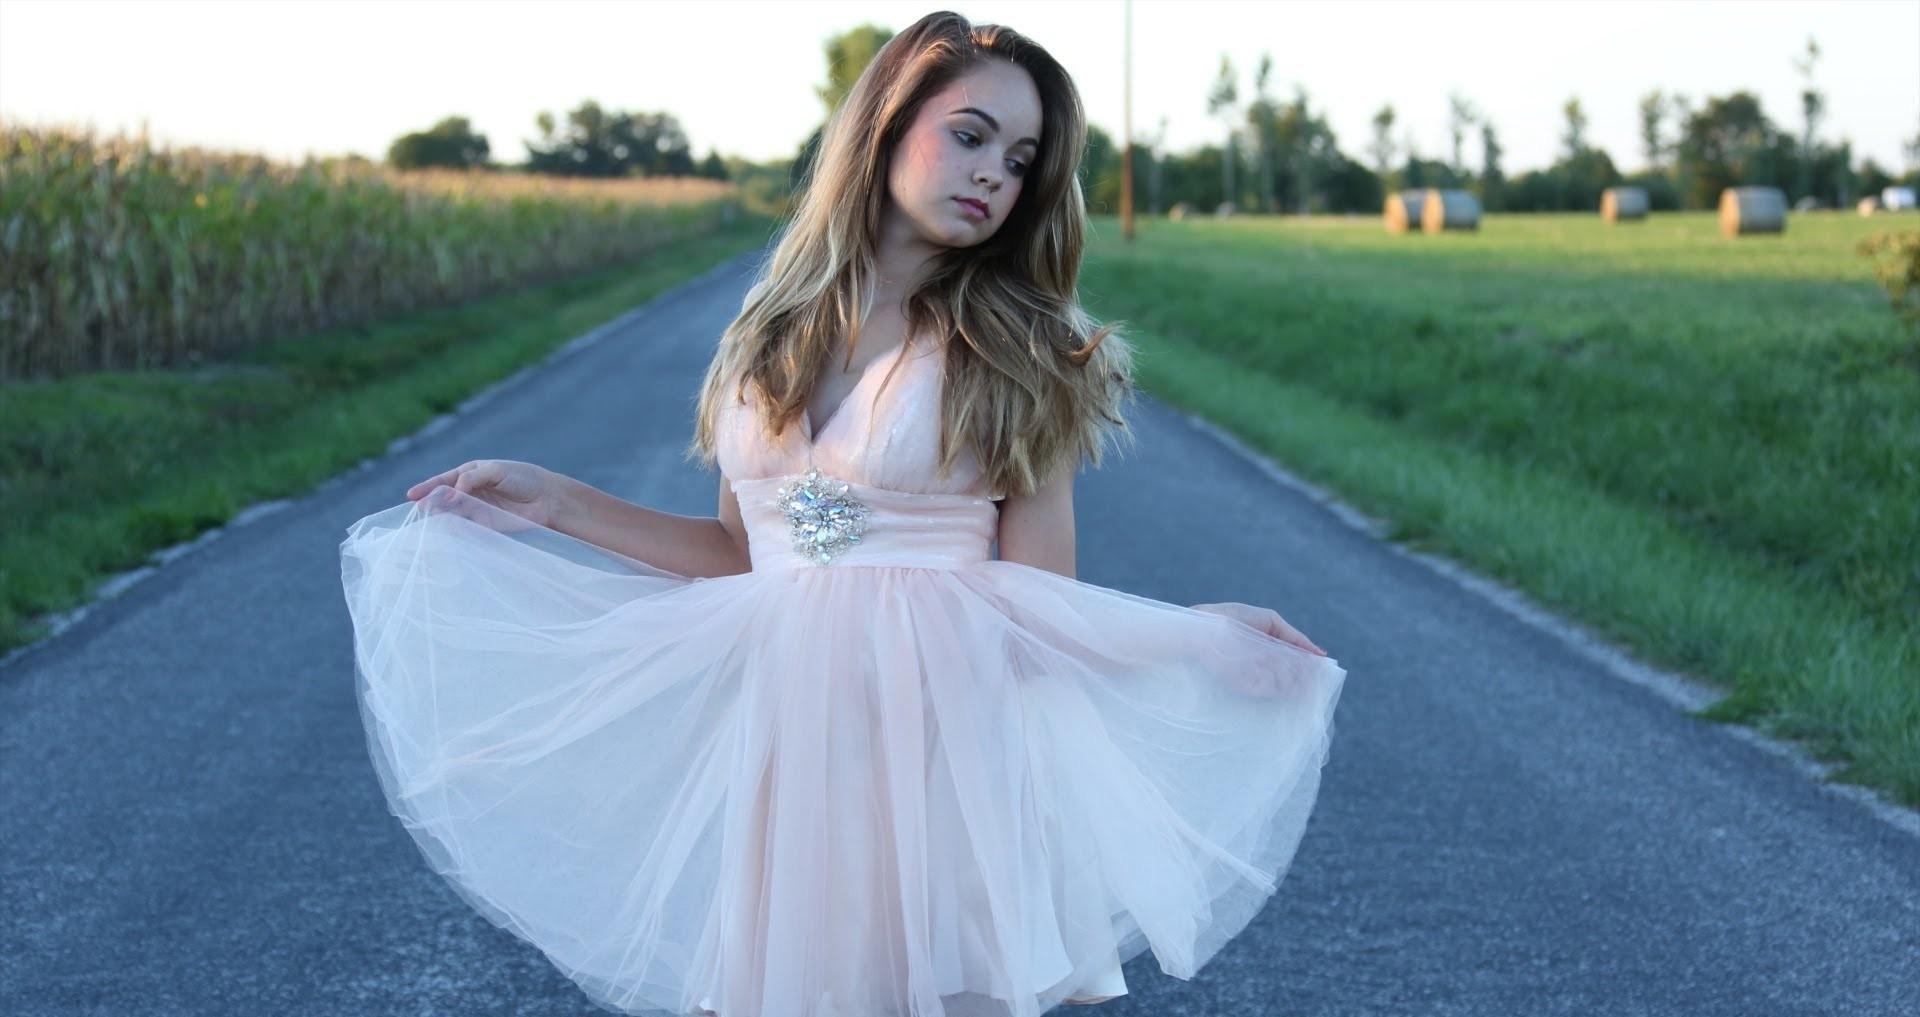 b990f4e23 ¿Buscas el vestido perfecto  15 estilos de vestidos de graduación que te  encantarán. Crédito  Youtube